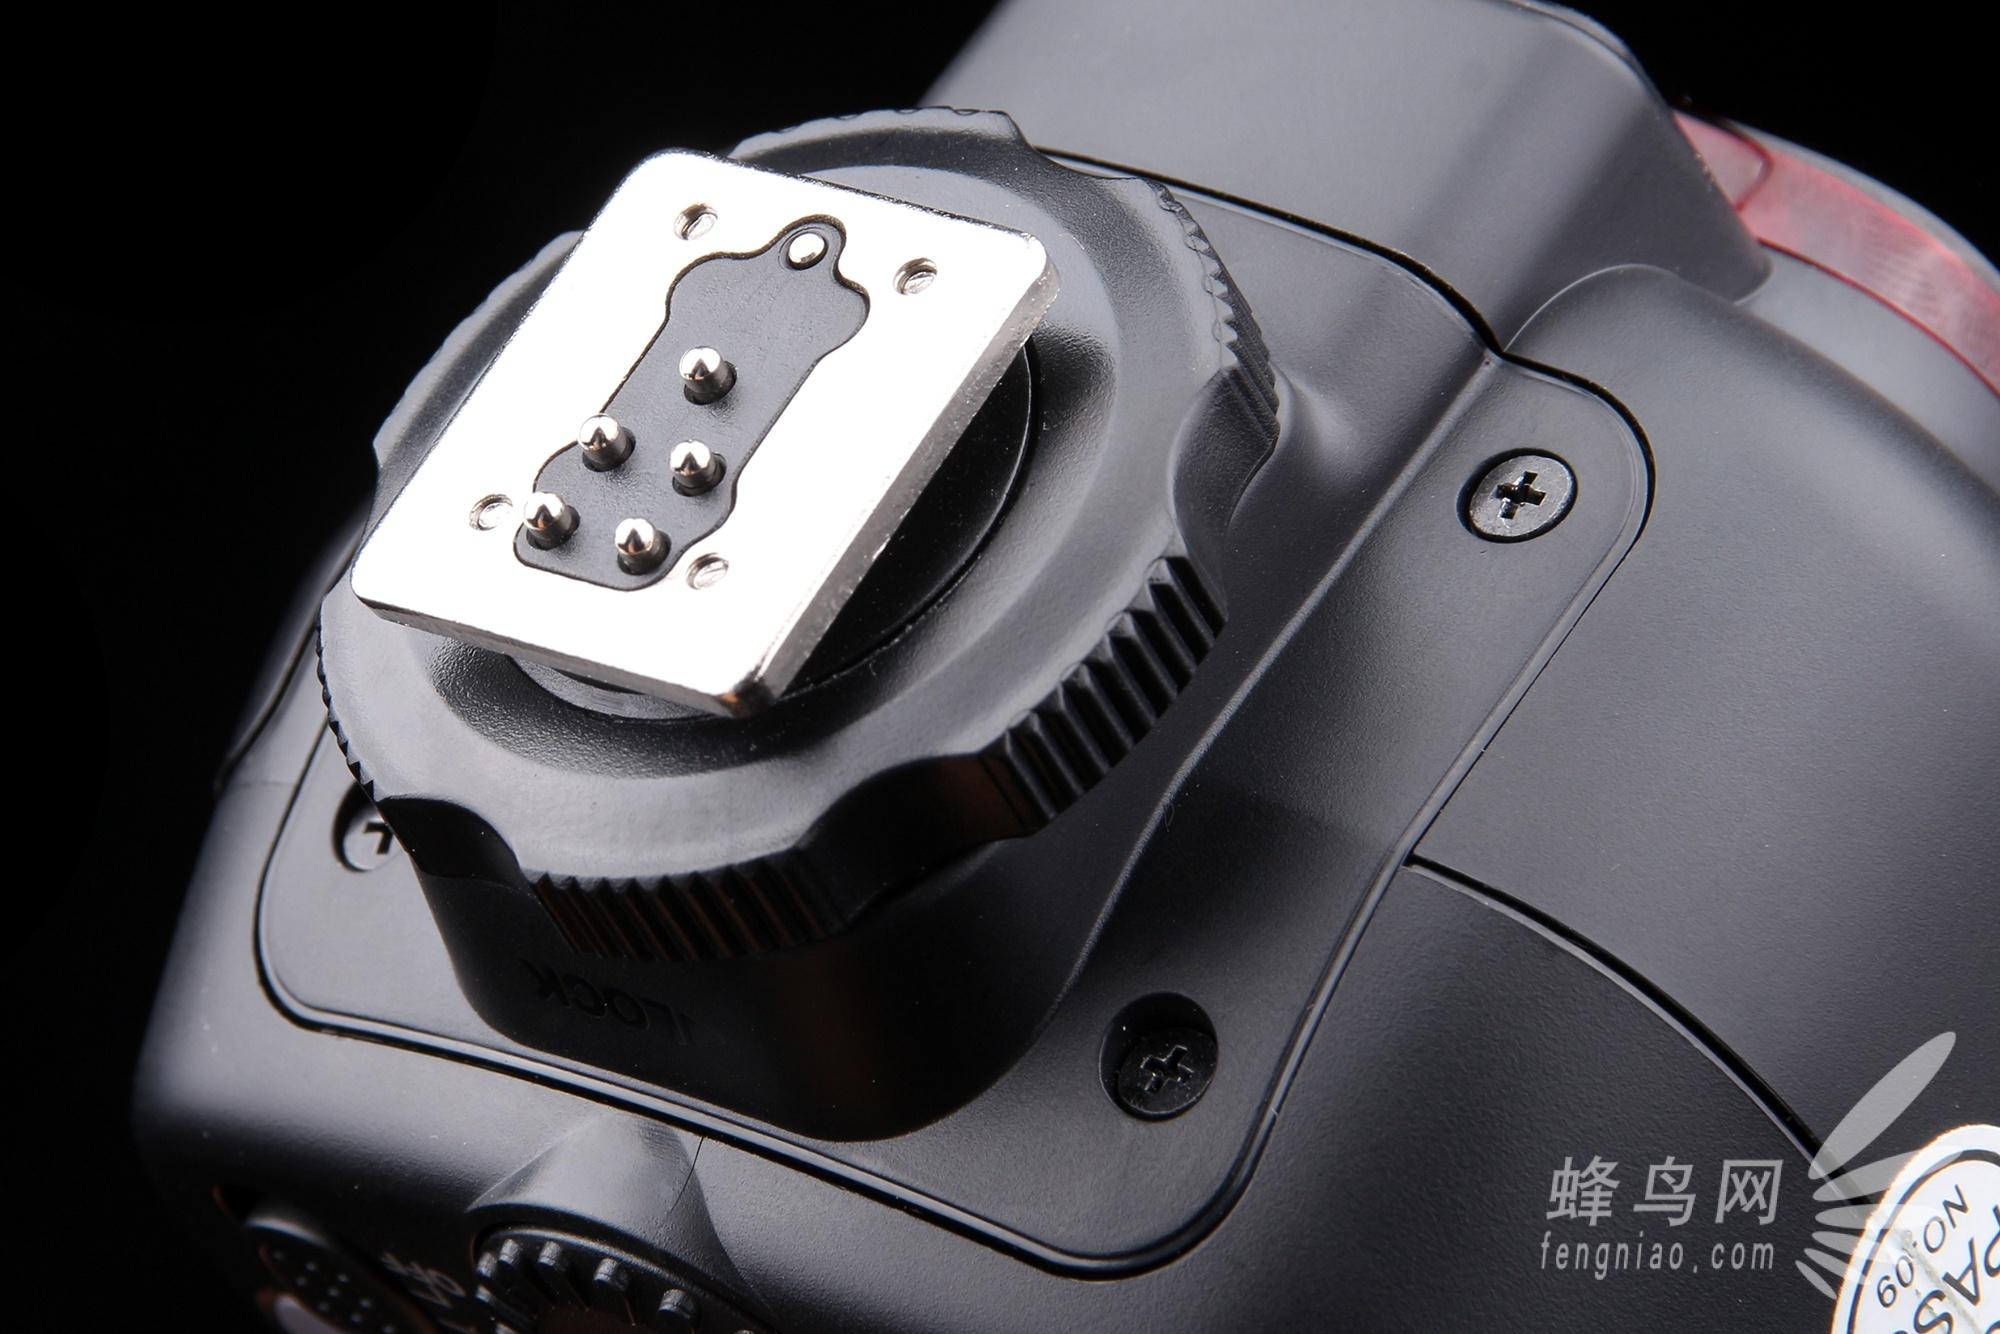 热靴锁定机构使用的还是比较传统的旋钮锁定结构